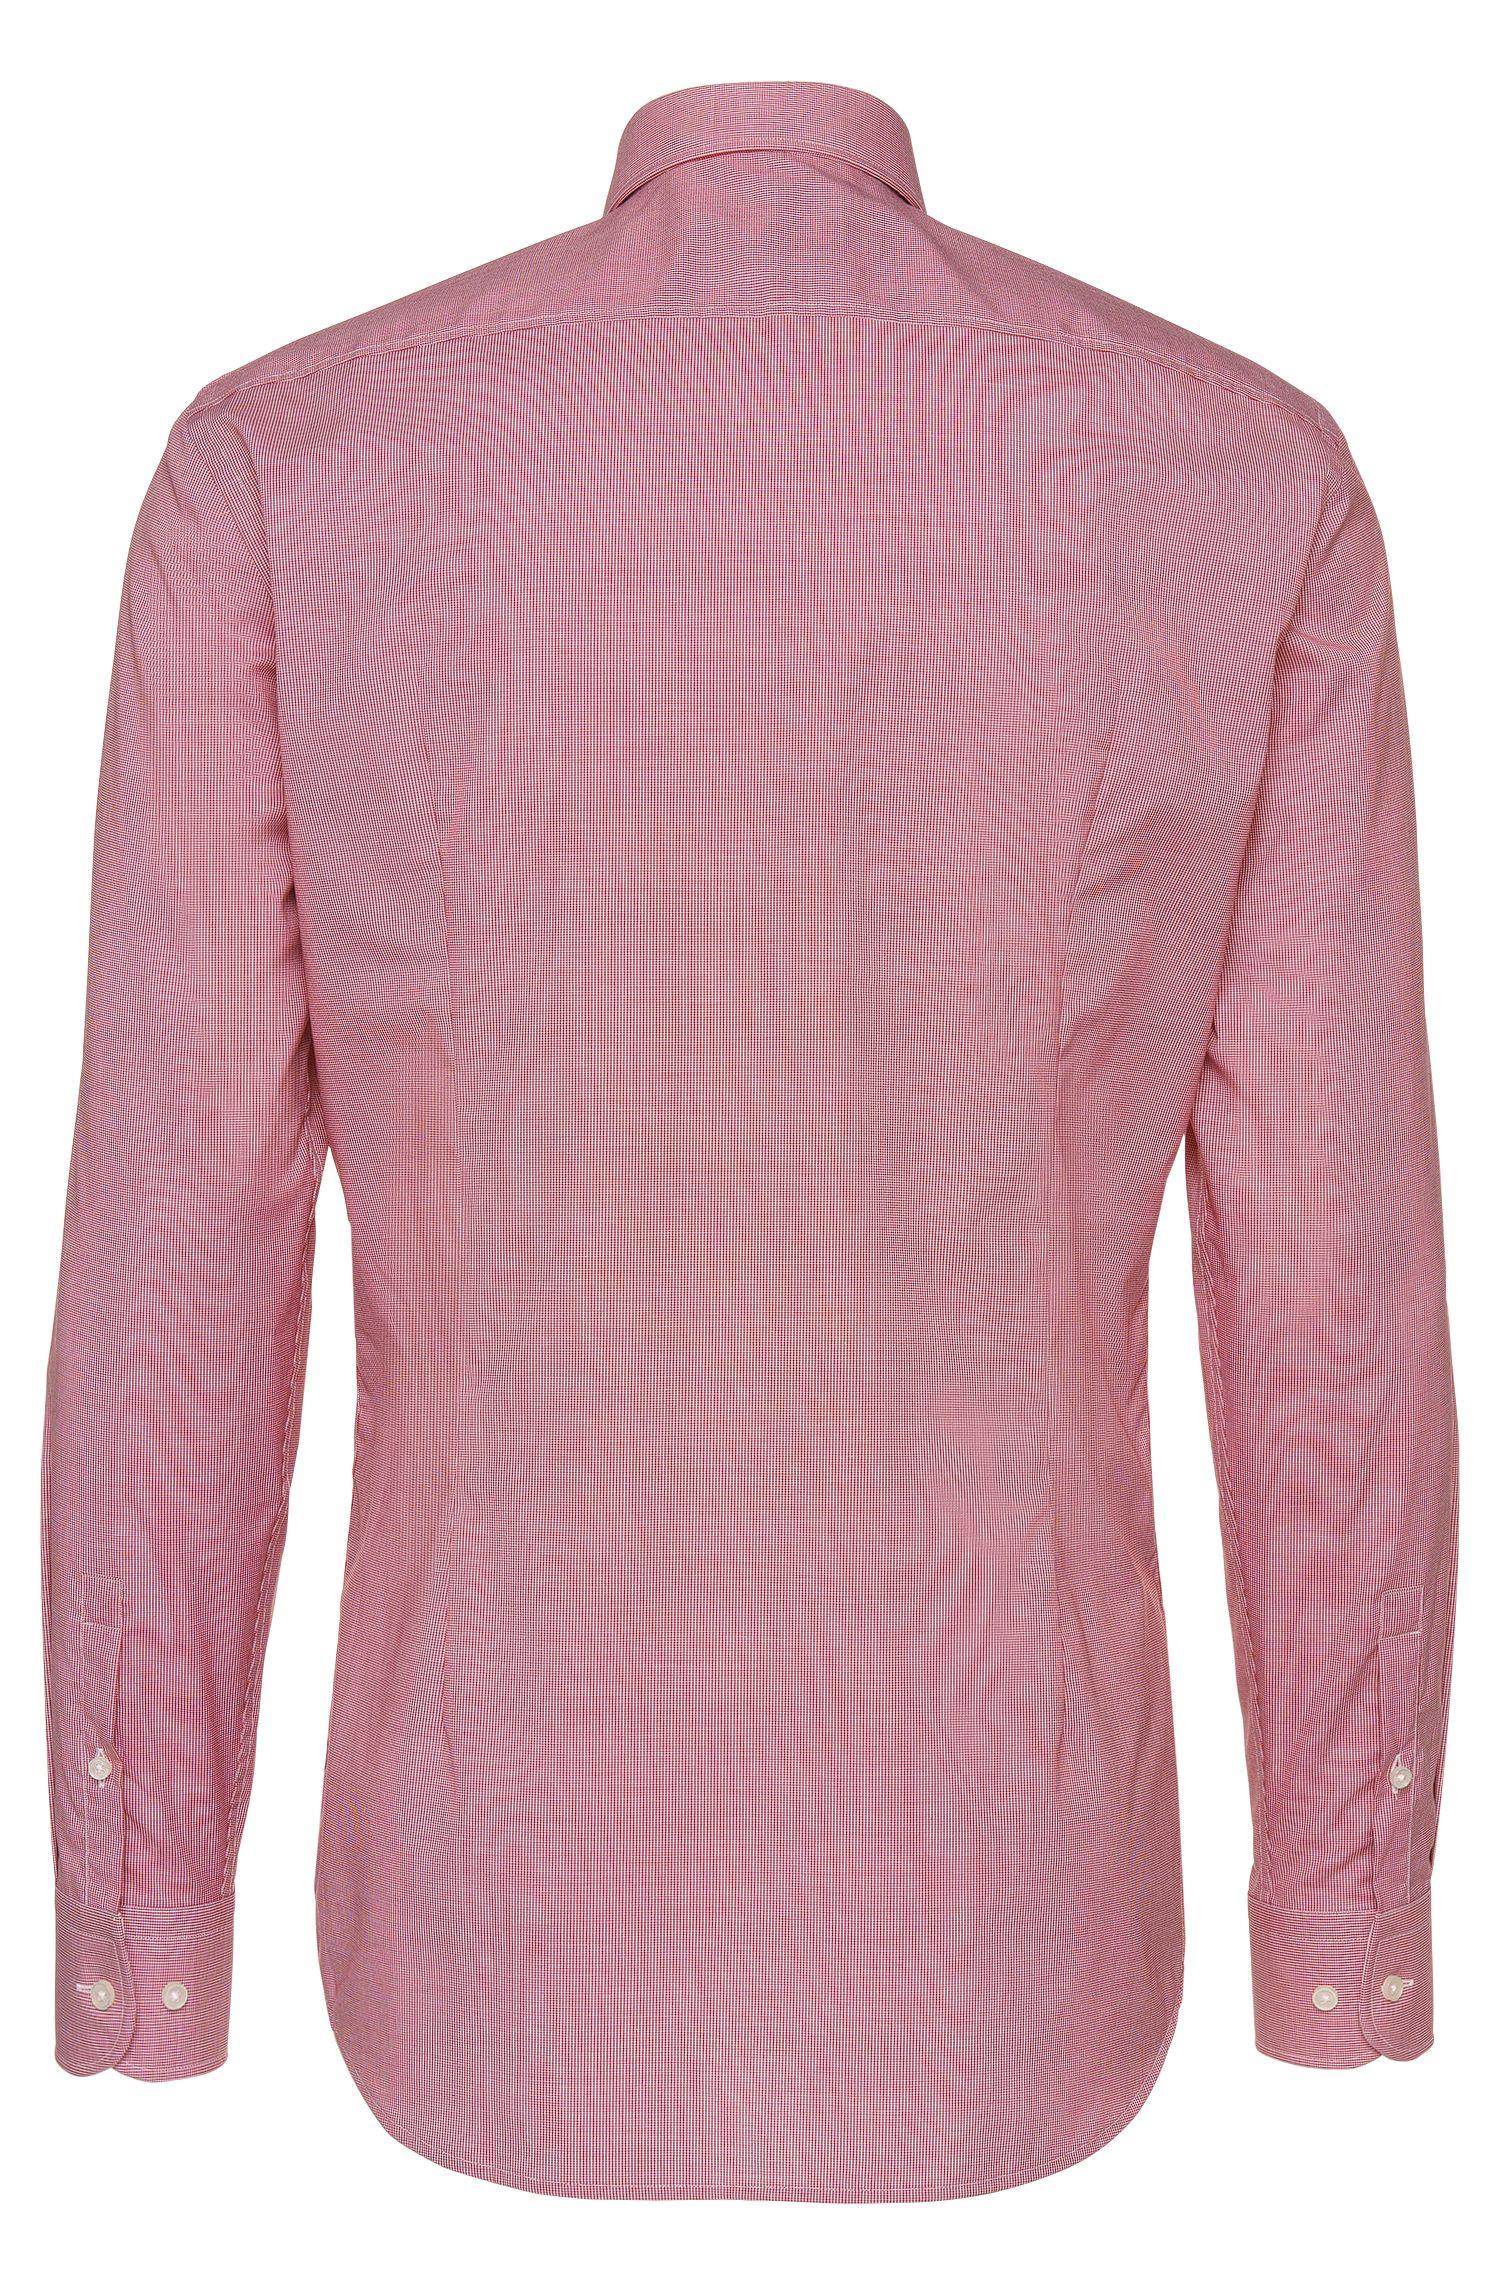 Gemustertes Slim-Fit Hemd aus Baumwolle: 'Jery'